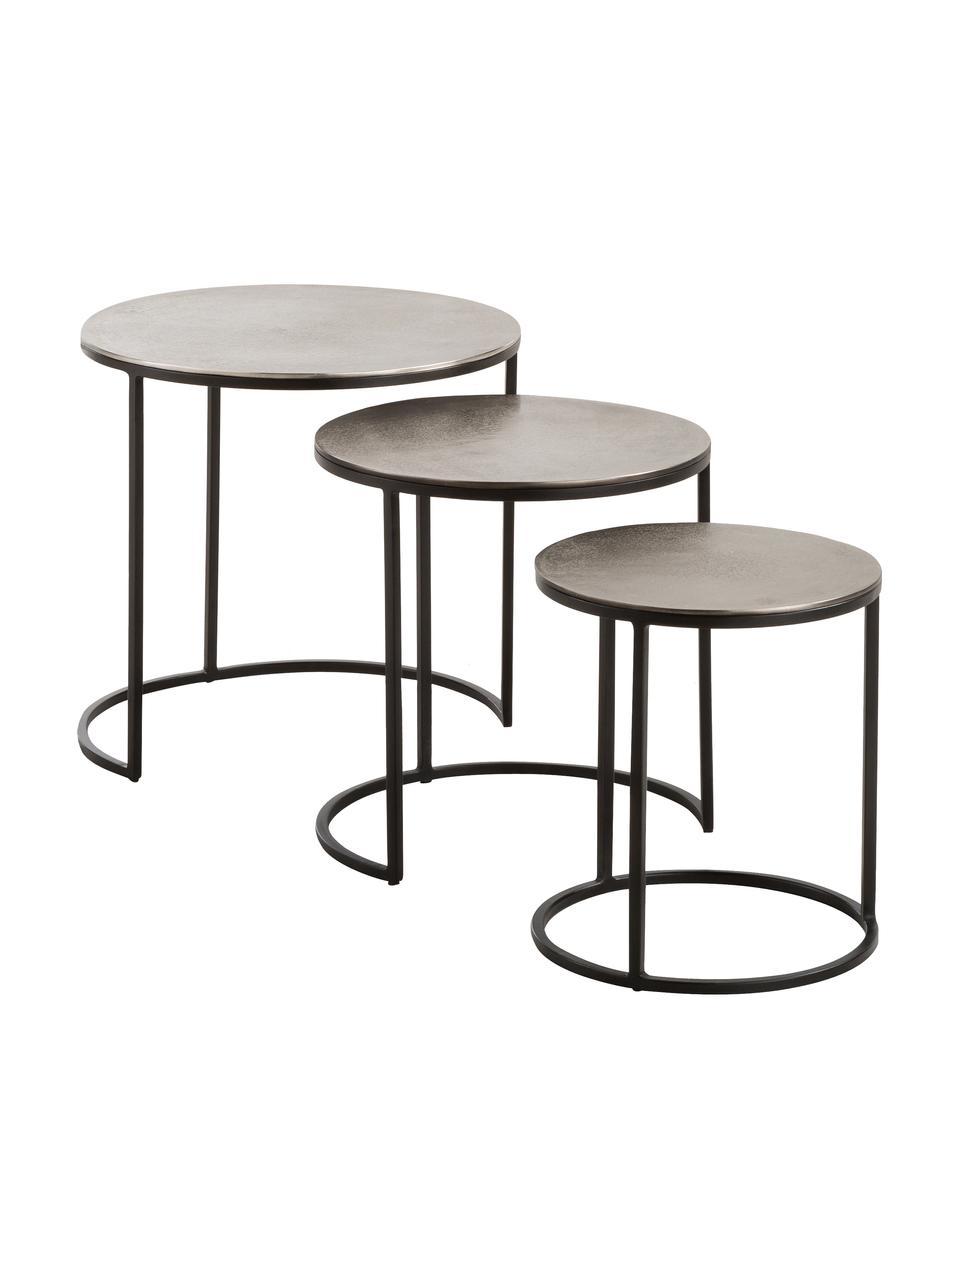 Komplet stolików pomocniczych Scott, 3 elem., Blat: aluminium powlekane, Stelaż: metal lakierowany, Aluminiowy, czarny, Komplet z różnymi rozmiarami